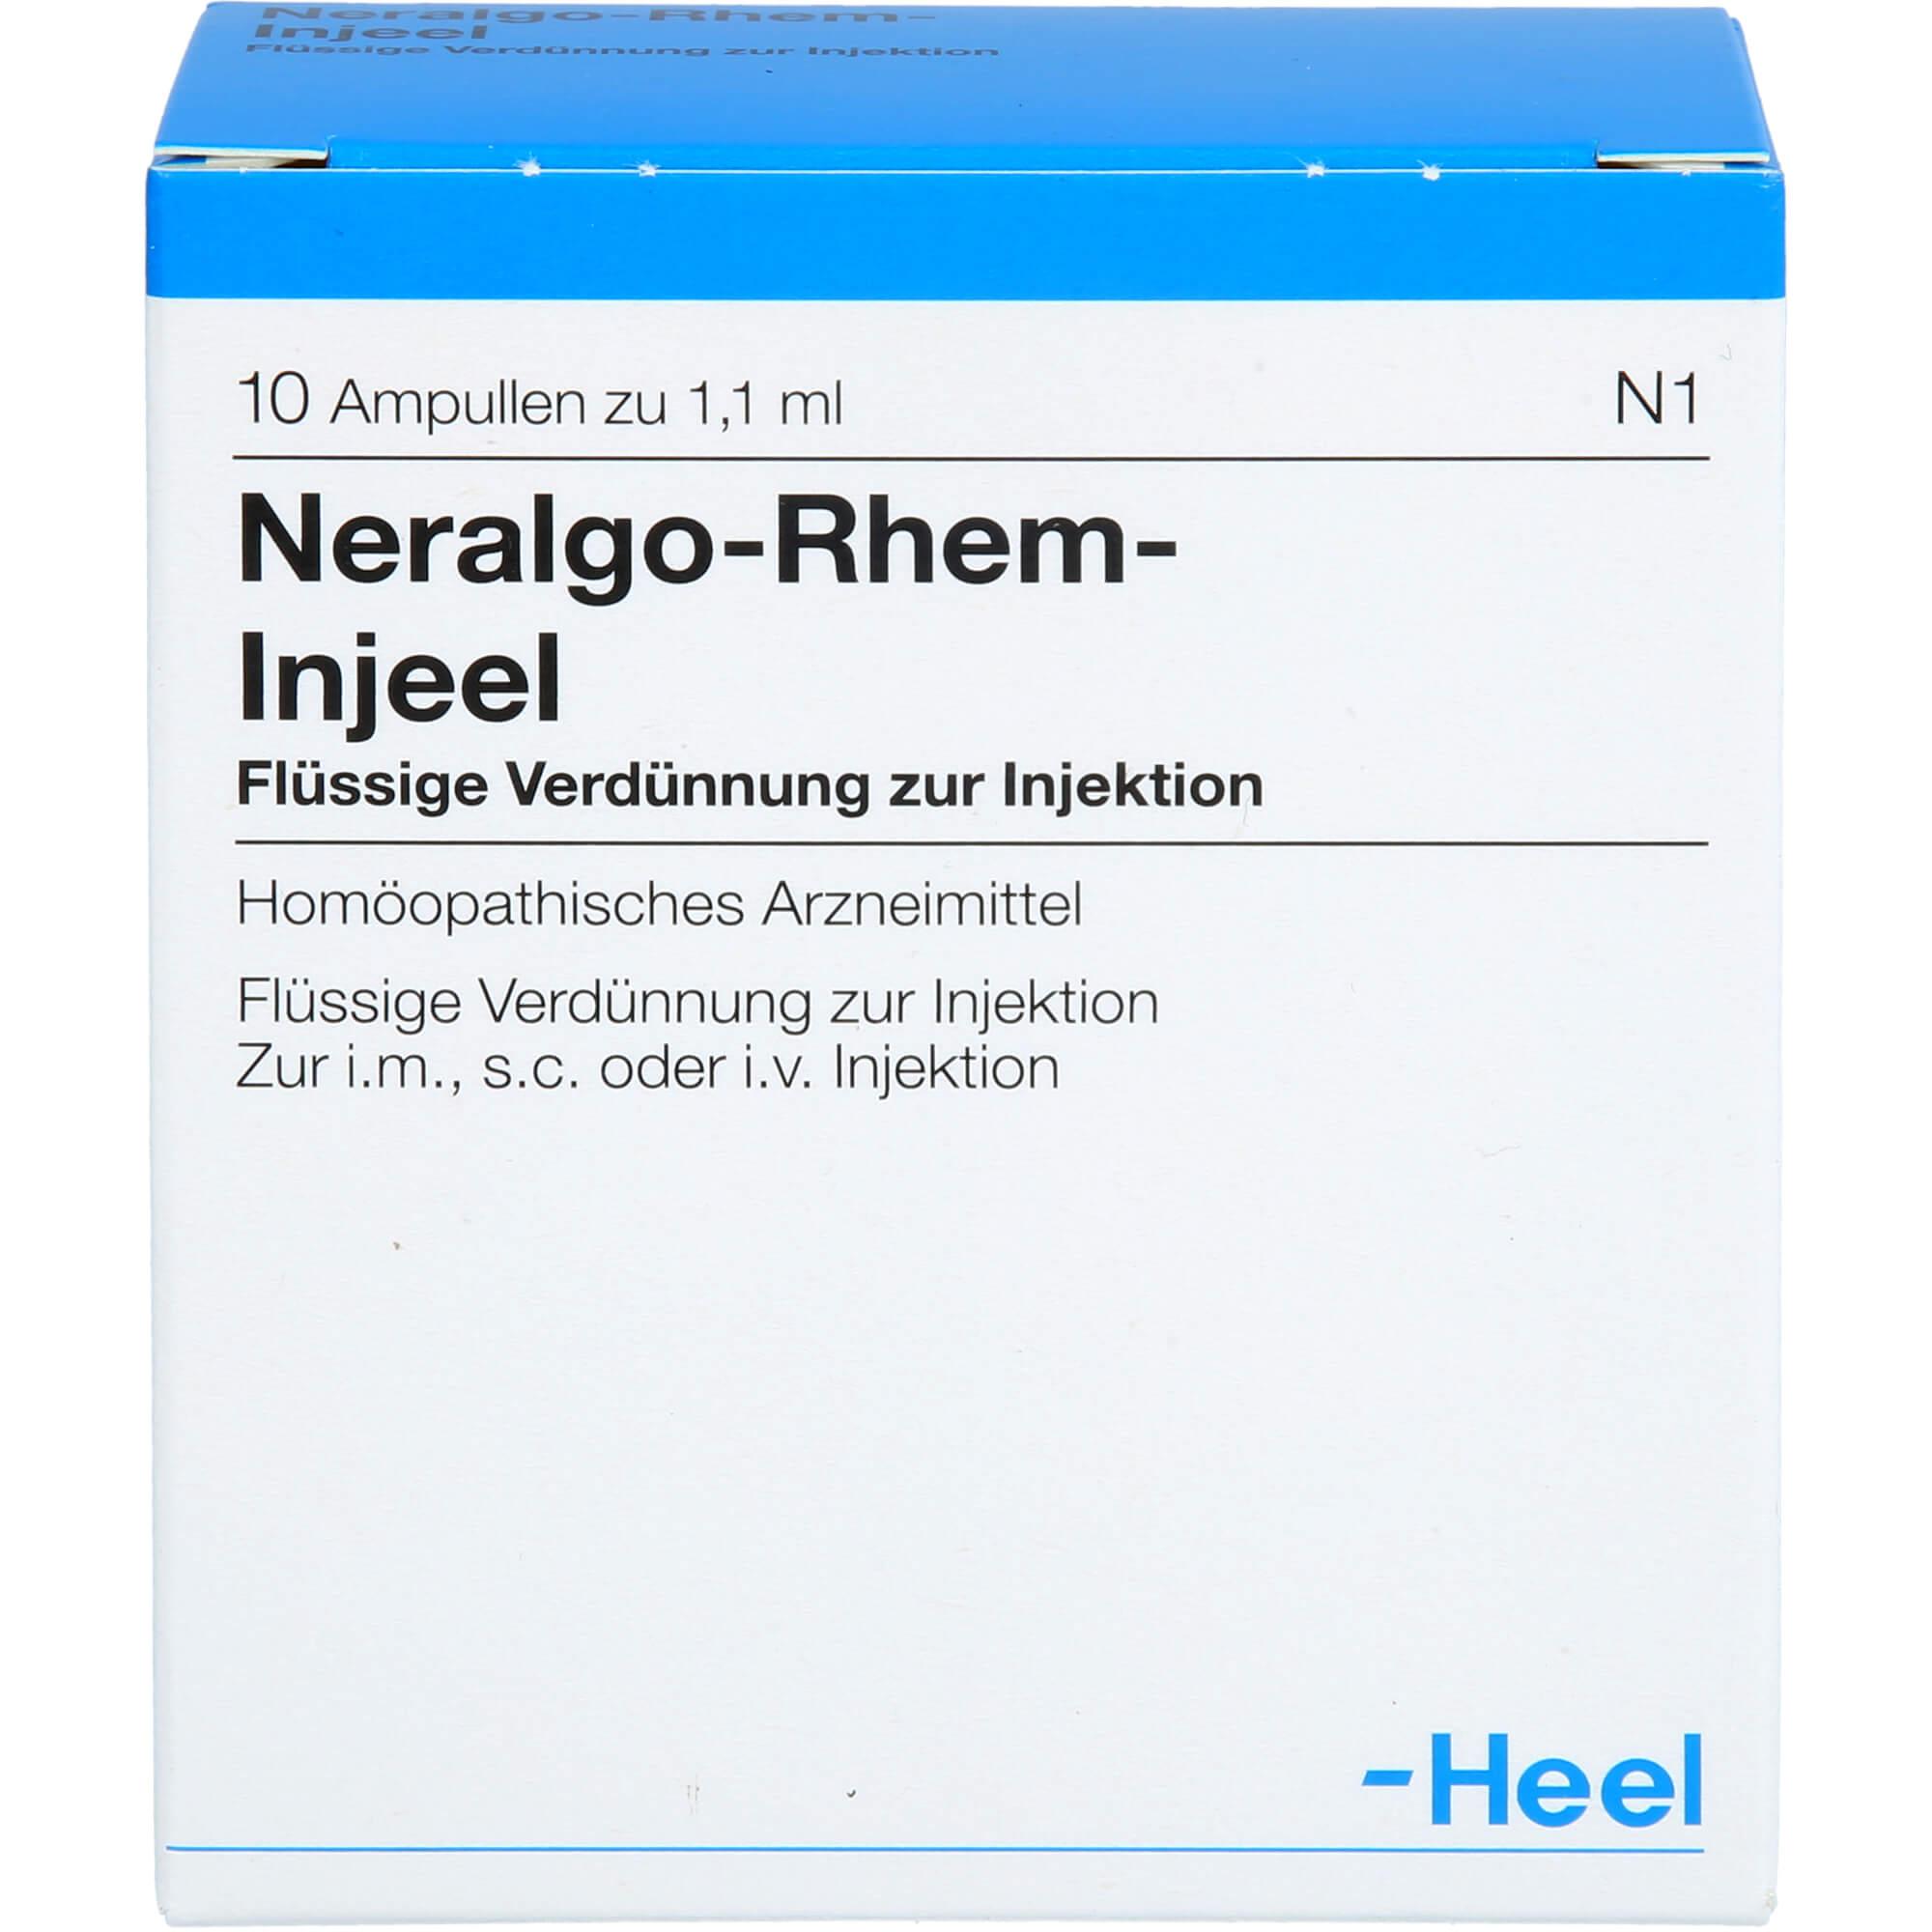 NERALGO Rhem Injeel Ampullen